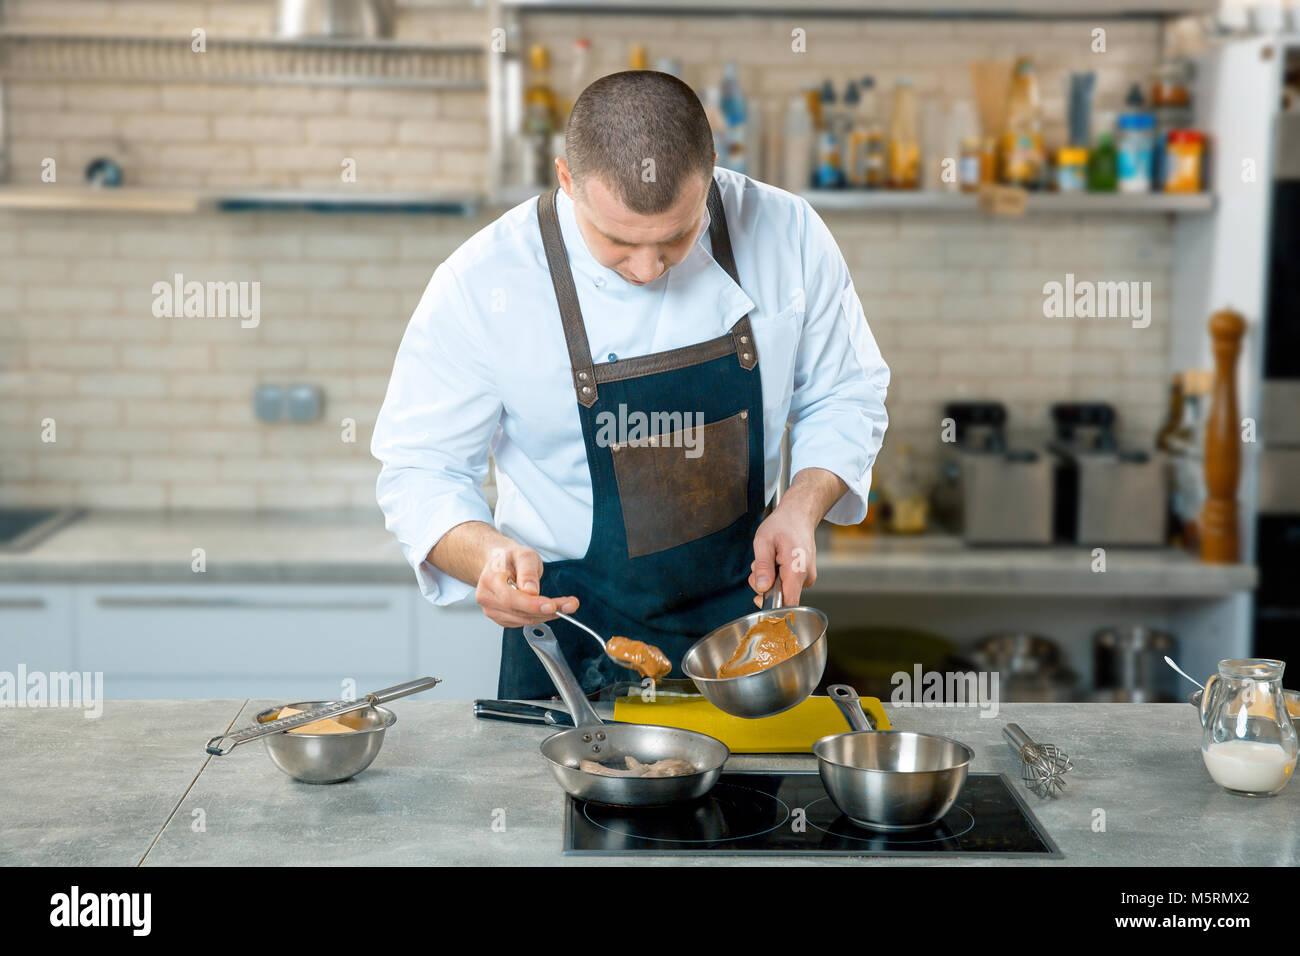 Küchenchef gießt Soße in eine Pfanne geben. Fast food Dinner und Lunch Restaurant Bar. Küche Stockbild